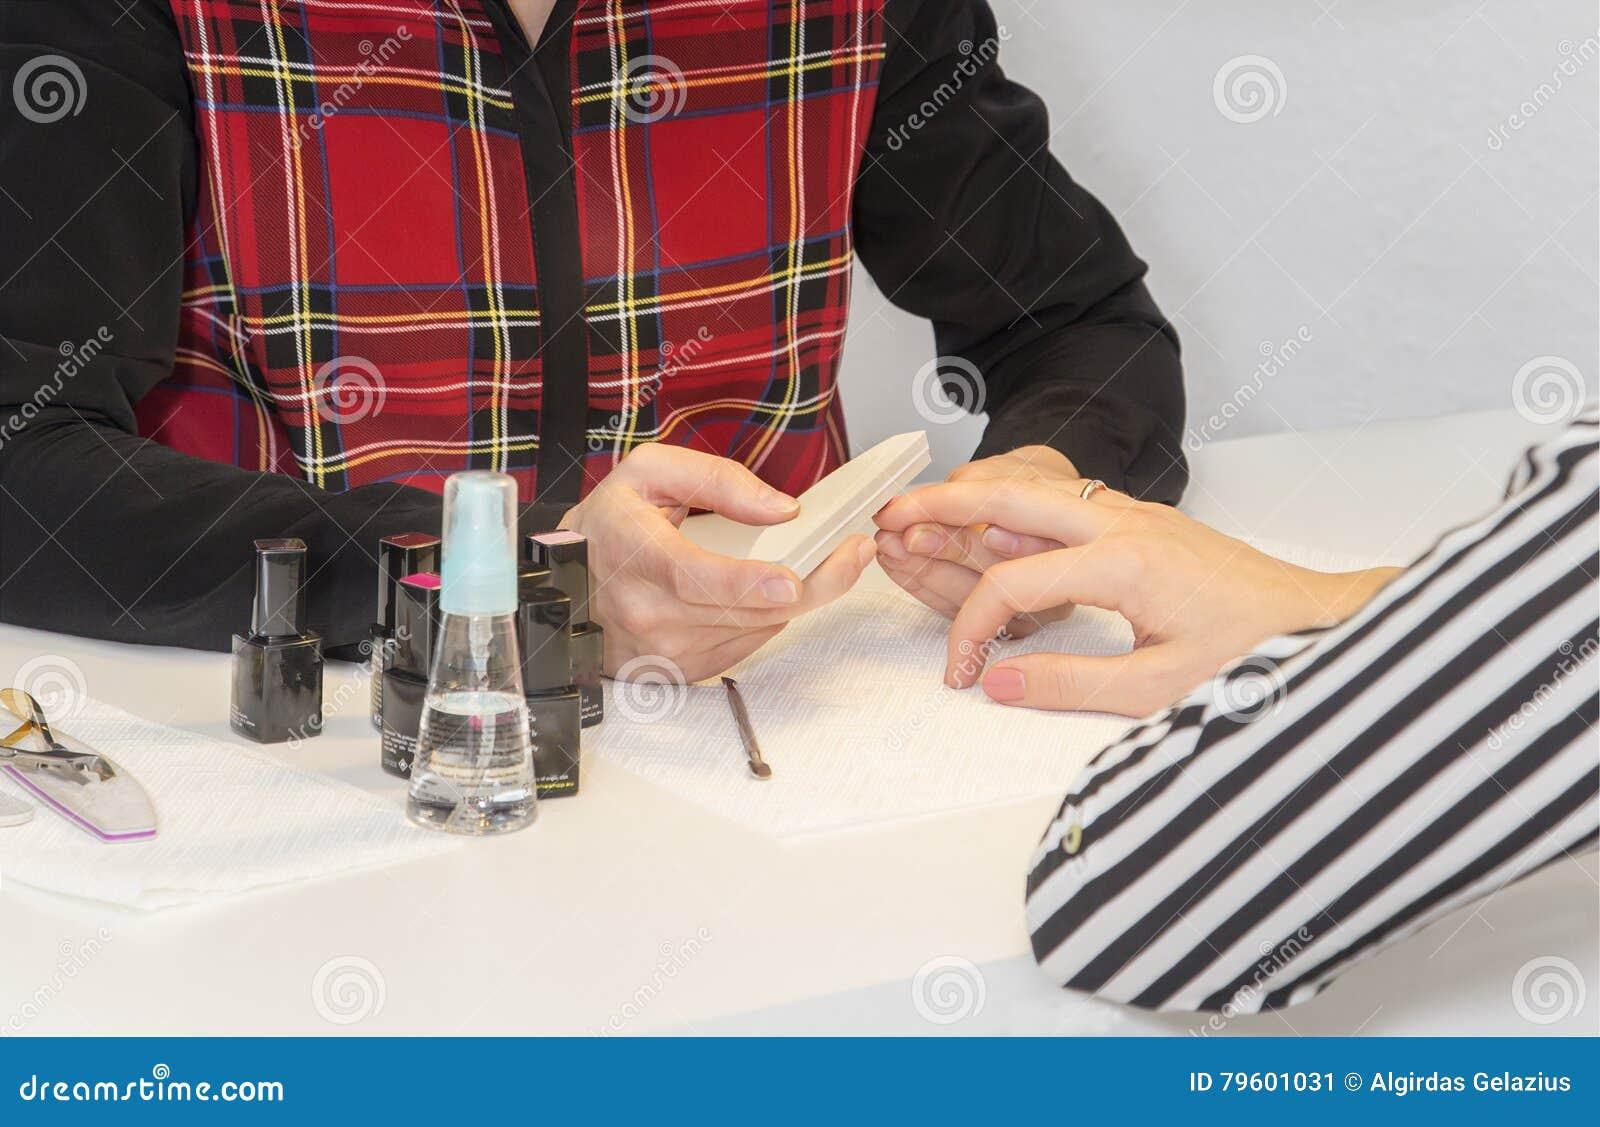 Manicuro que faz o tratamento de mãos no salão de beleza